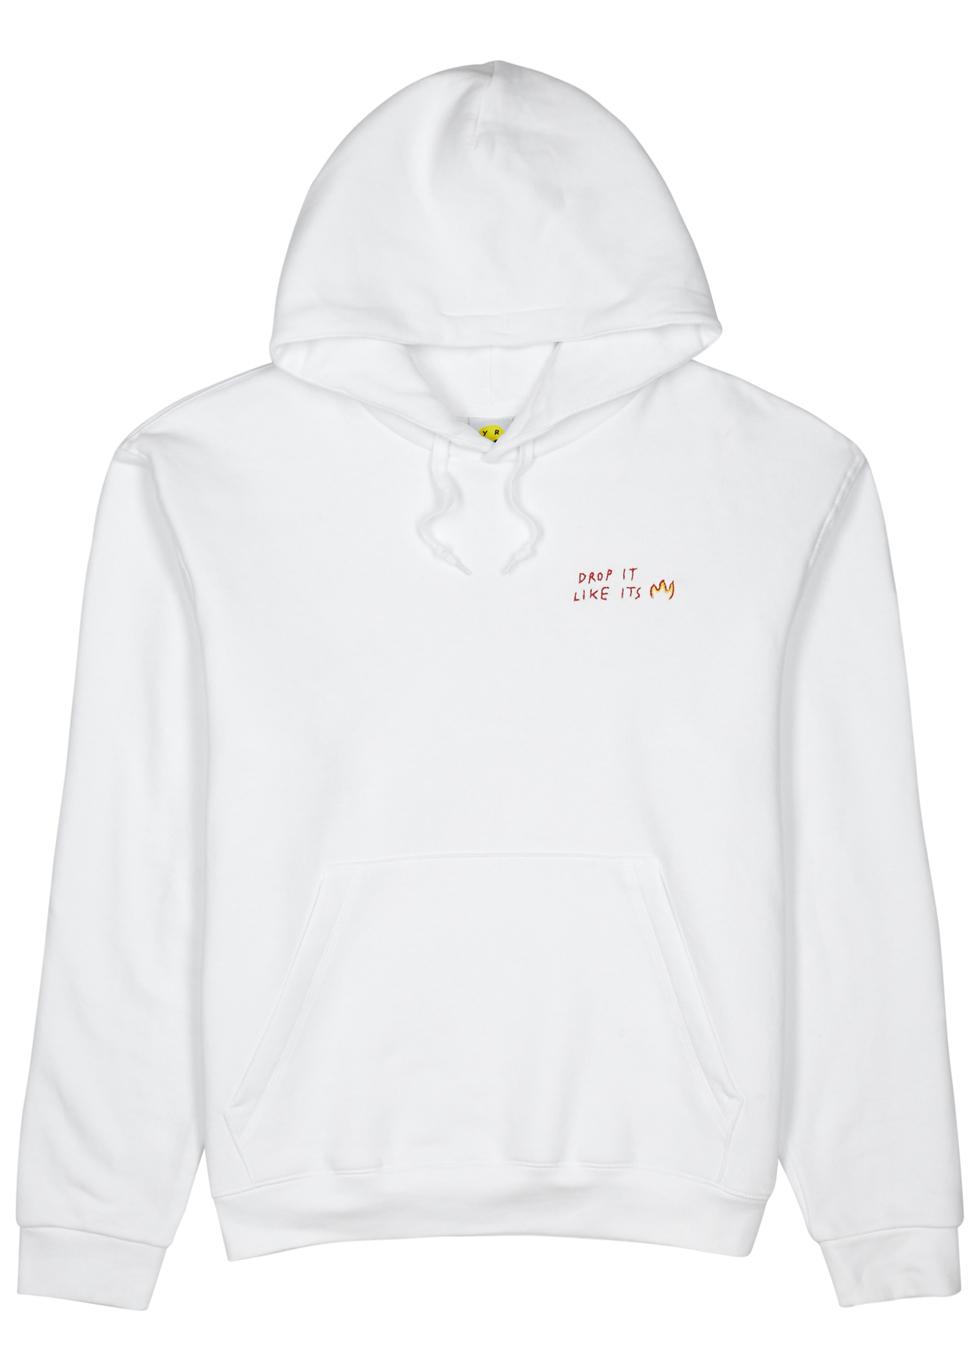 Drop It Like It's Hot hooded sweatshirt